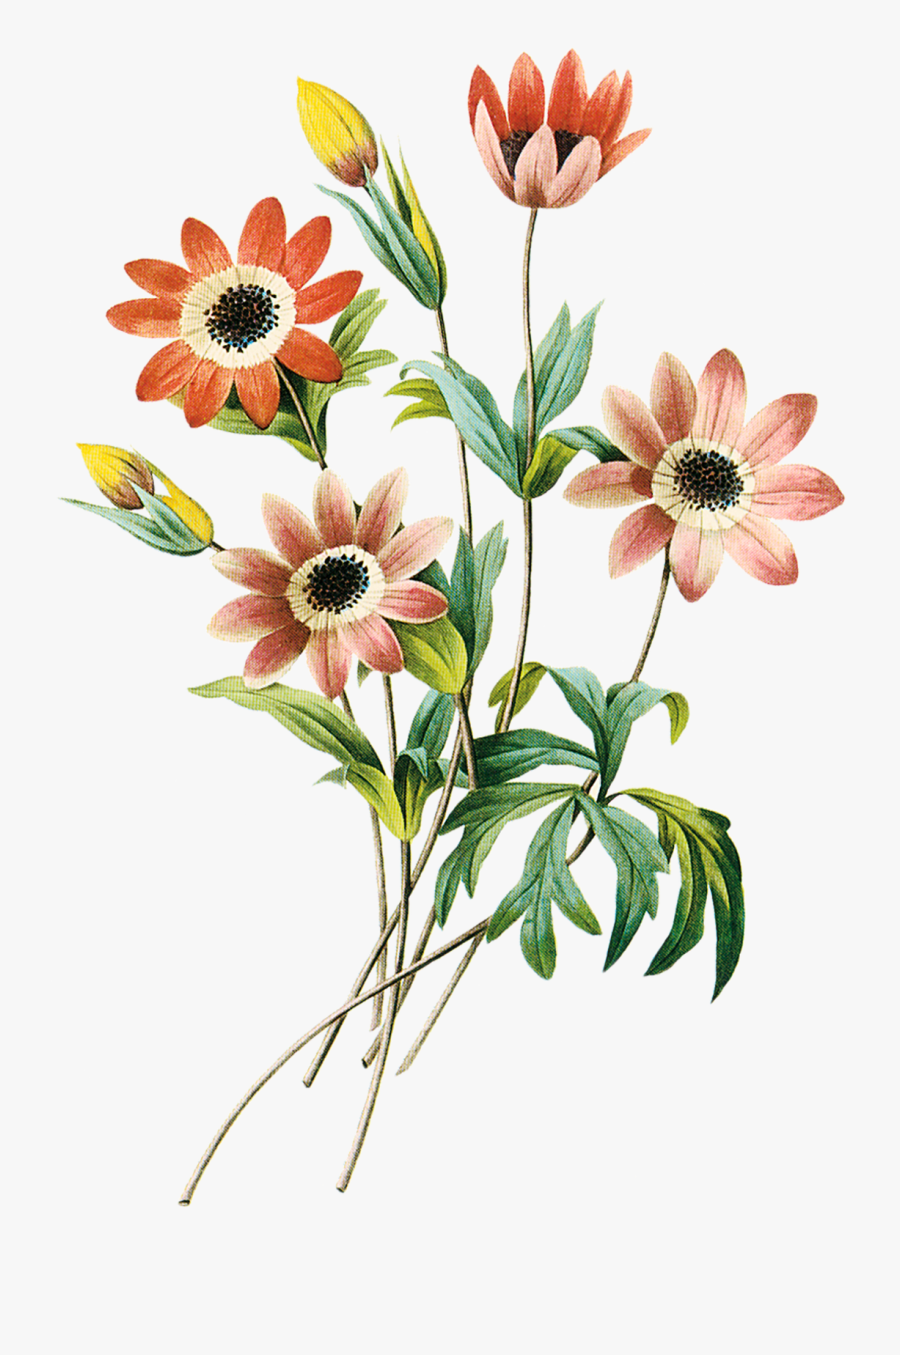 Clipart Grátis Flores - Flower Colored Pencil Drawings, Transparent Clipart